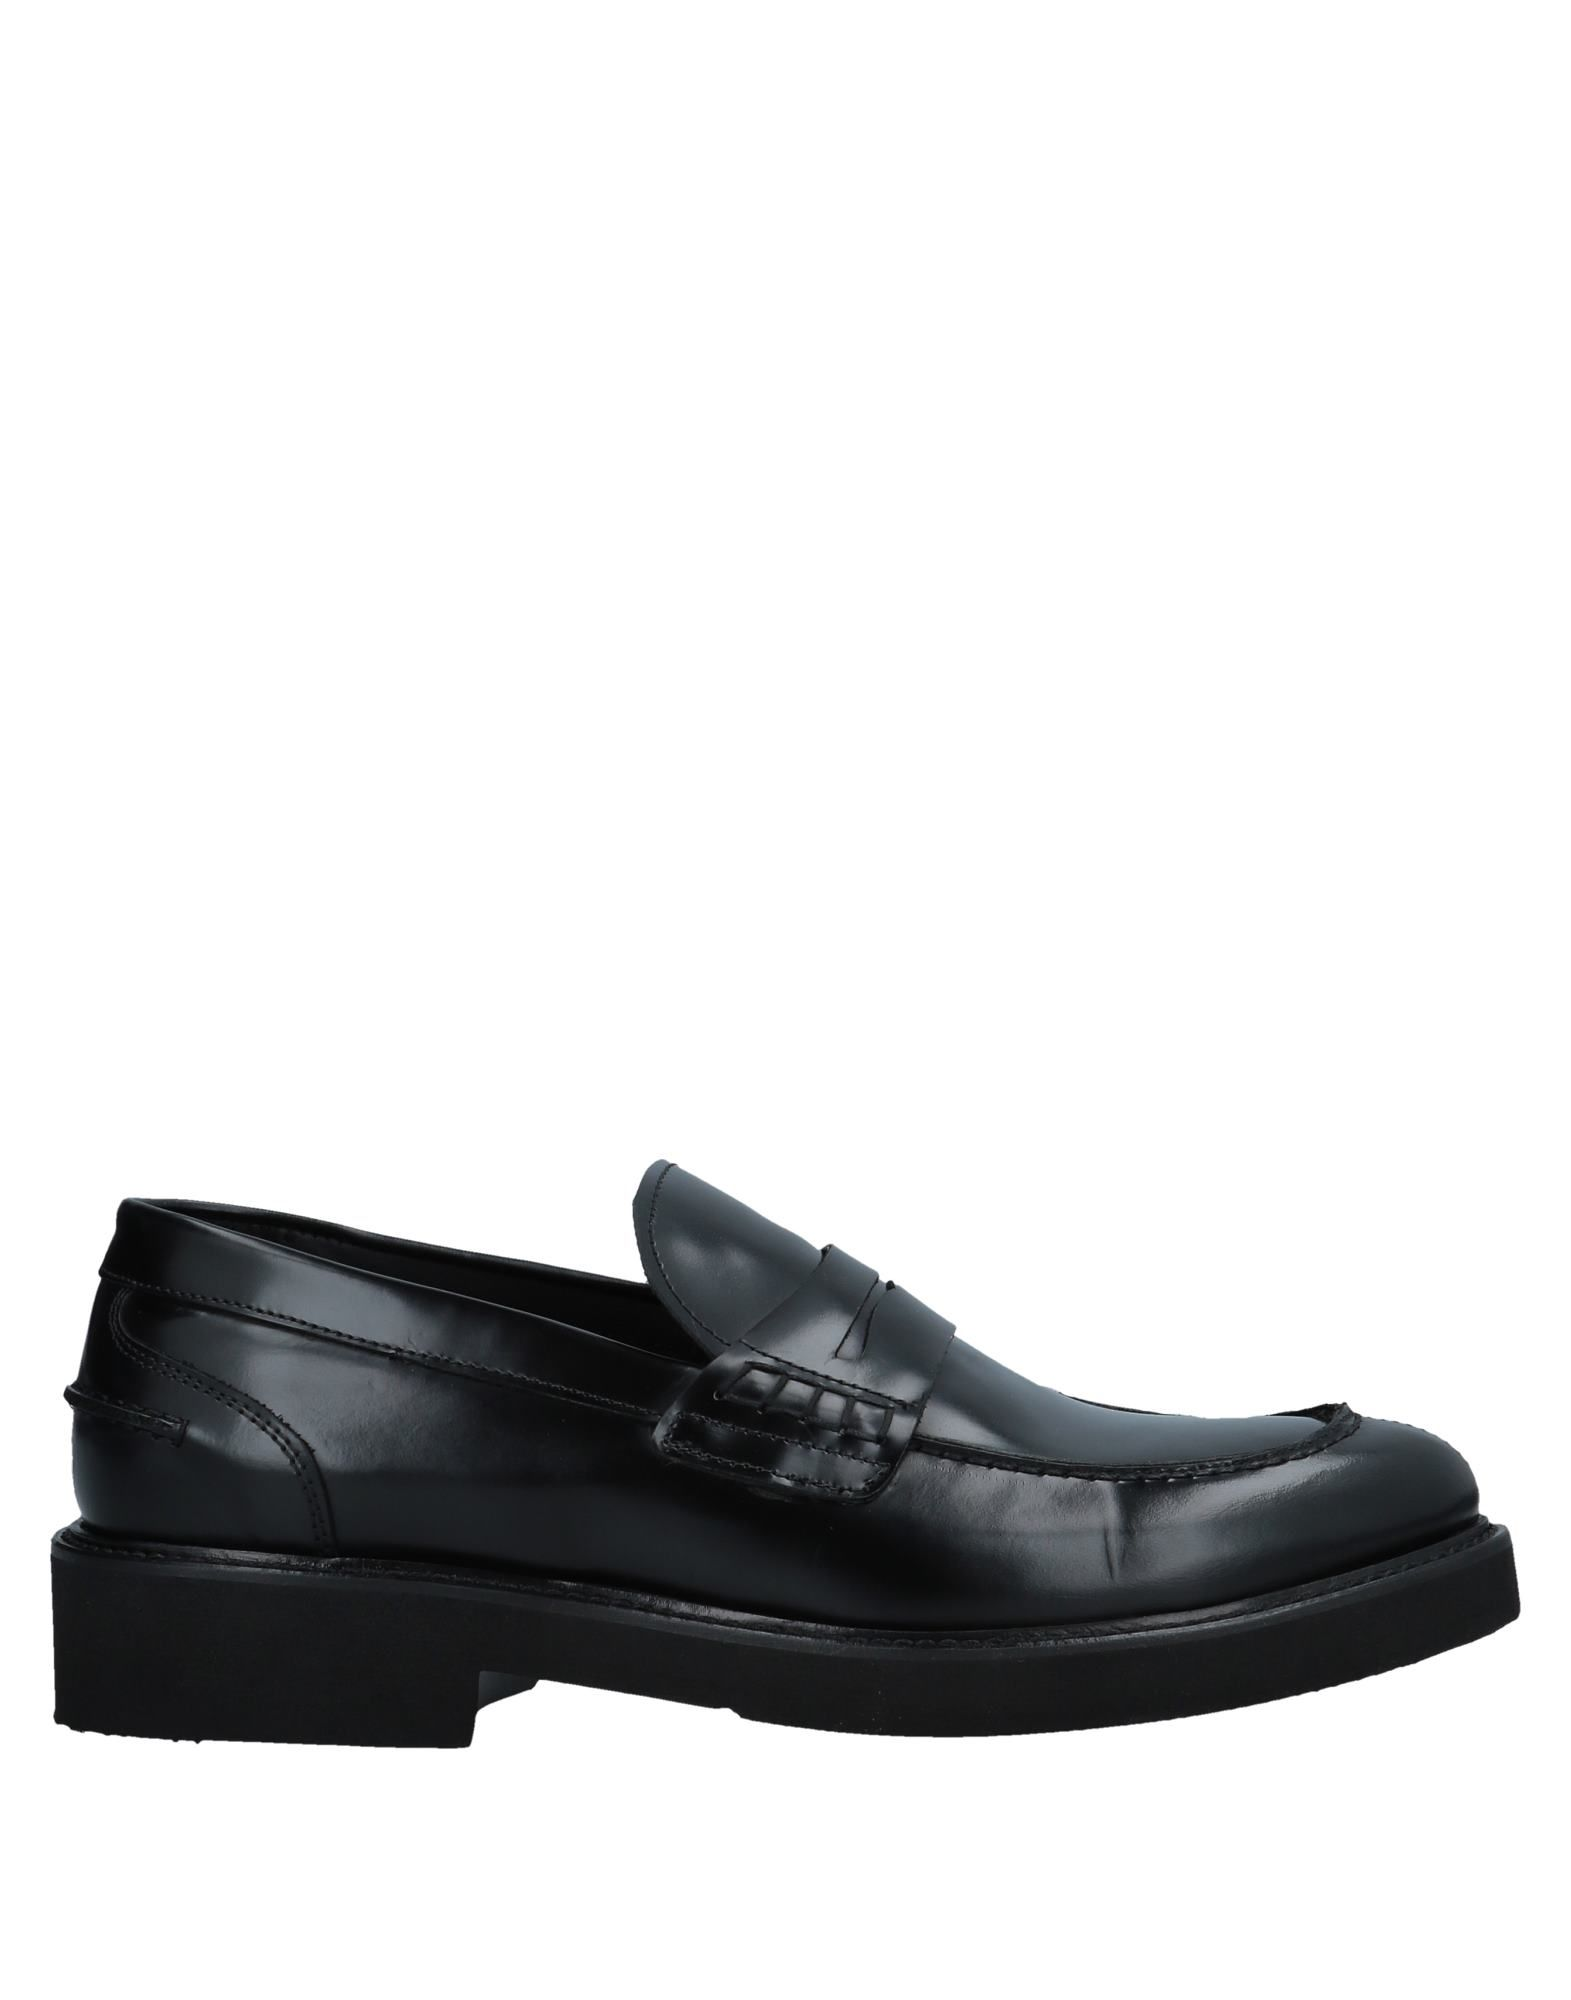 Henry 11552452AG Smith Mokassins Herren  11552452AG Henry Gute Qualität beliebte Schuhe 194ac2